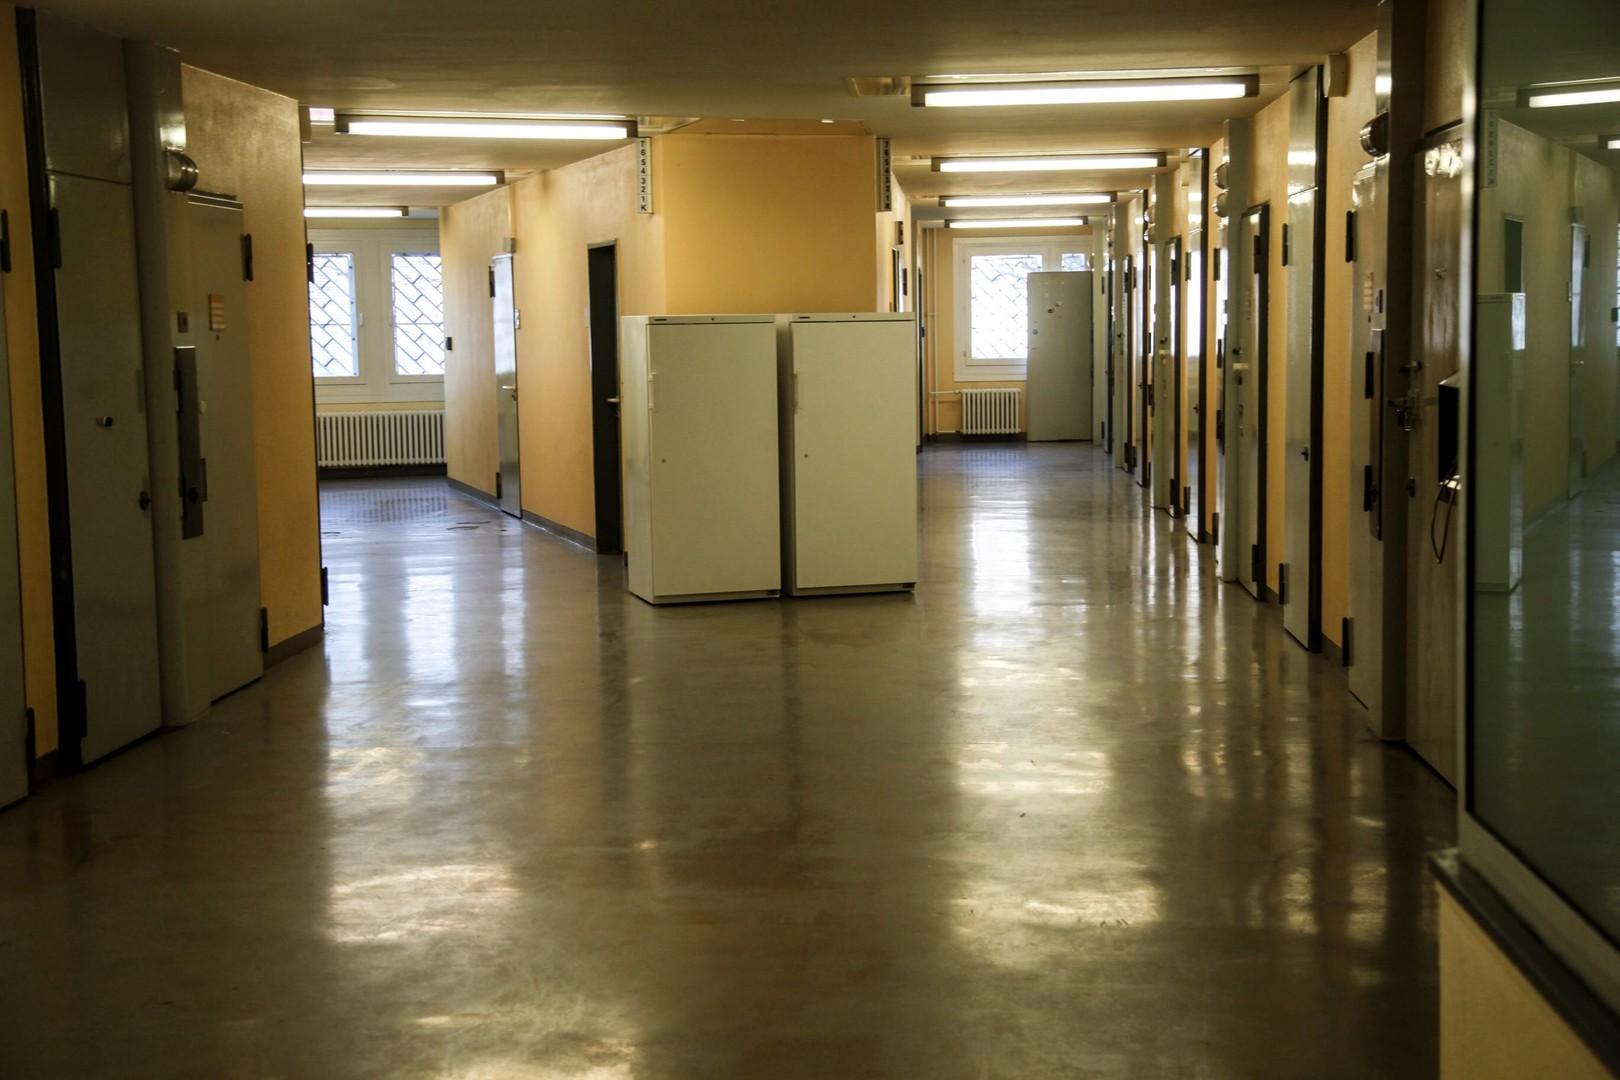 Was ist los in JVA Plötzensee? Zum dritten Mal in einer Woche flüchten Gefangene aus Haftanstalt